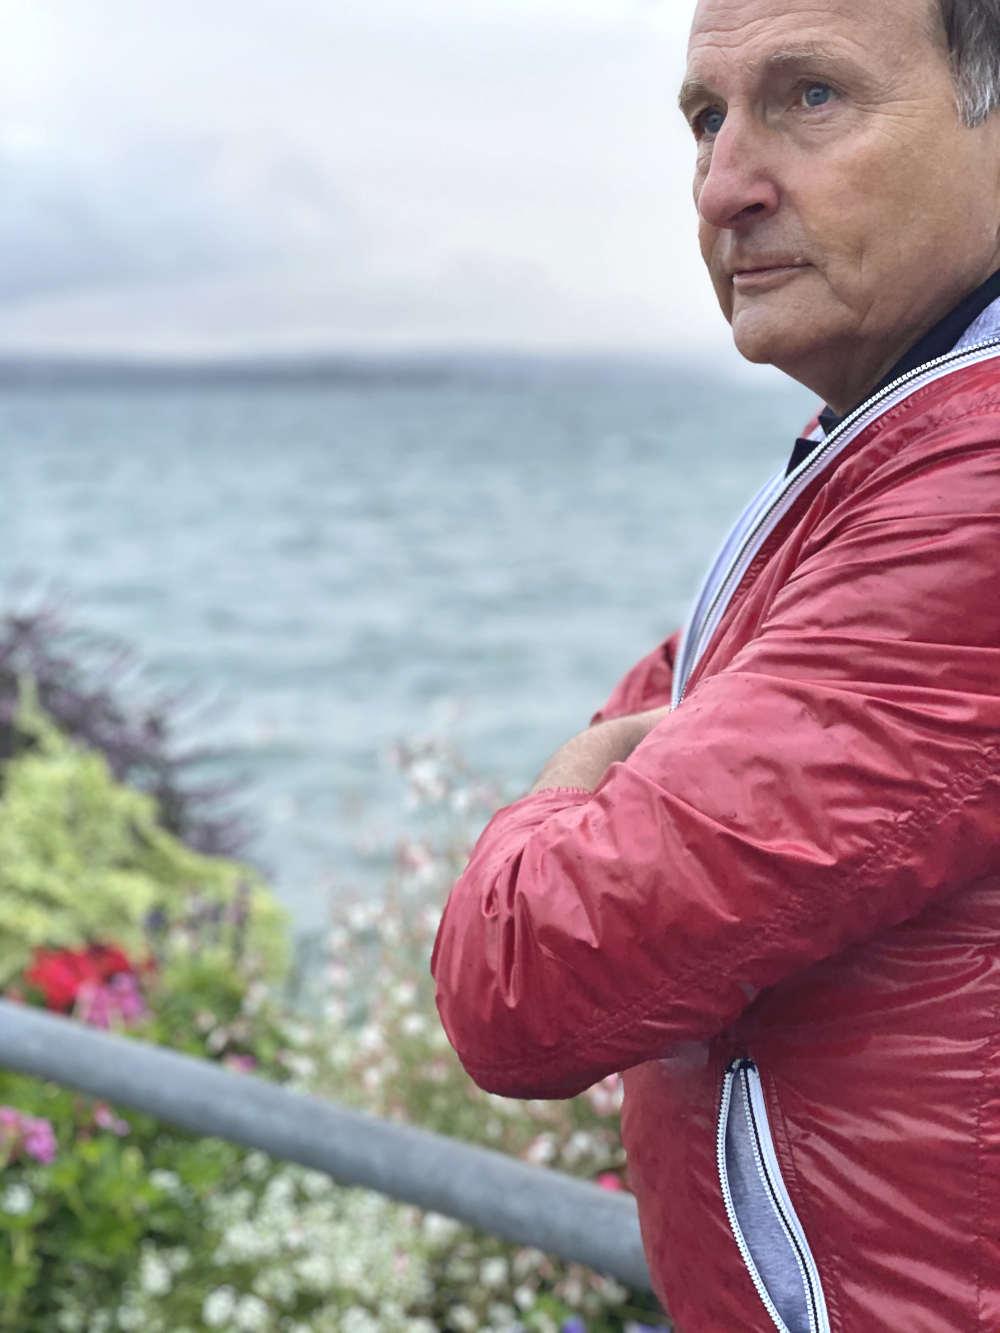 Versicherungsberater Gerd Güssler steht in einer roten Jacke am Wasser und denkt darüber nach, wie er dir mit seiner Versicherungsberatung weiterhelfen kann